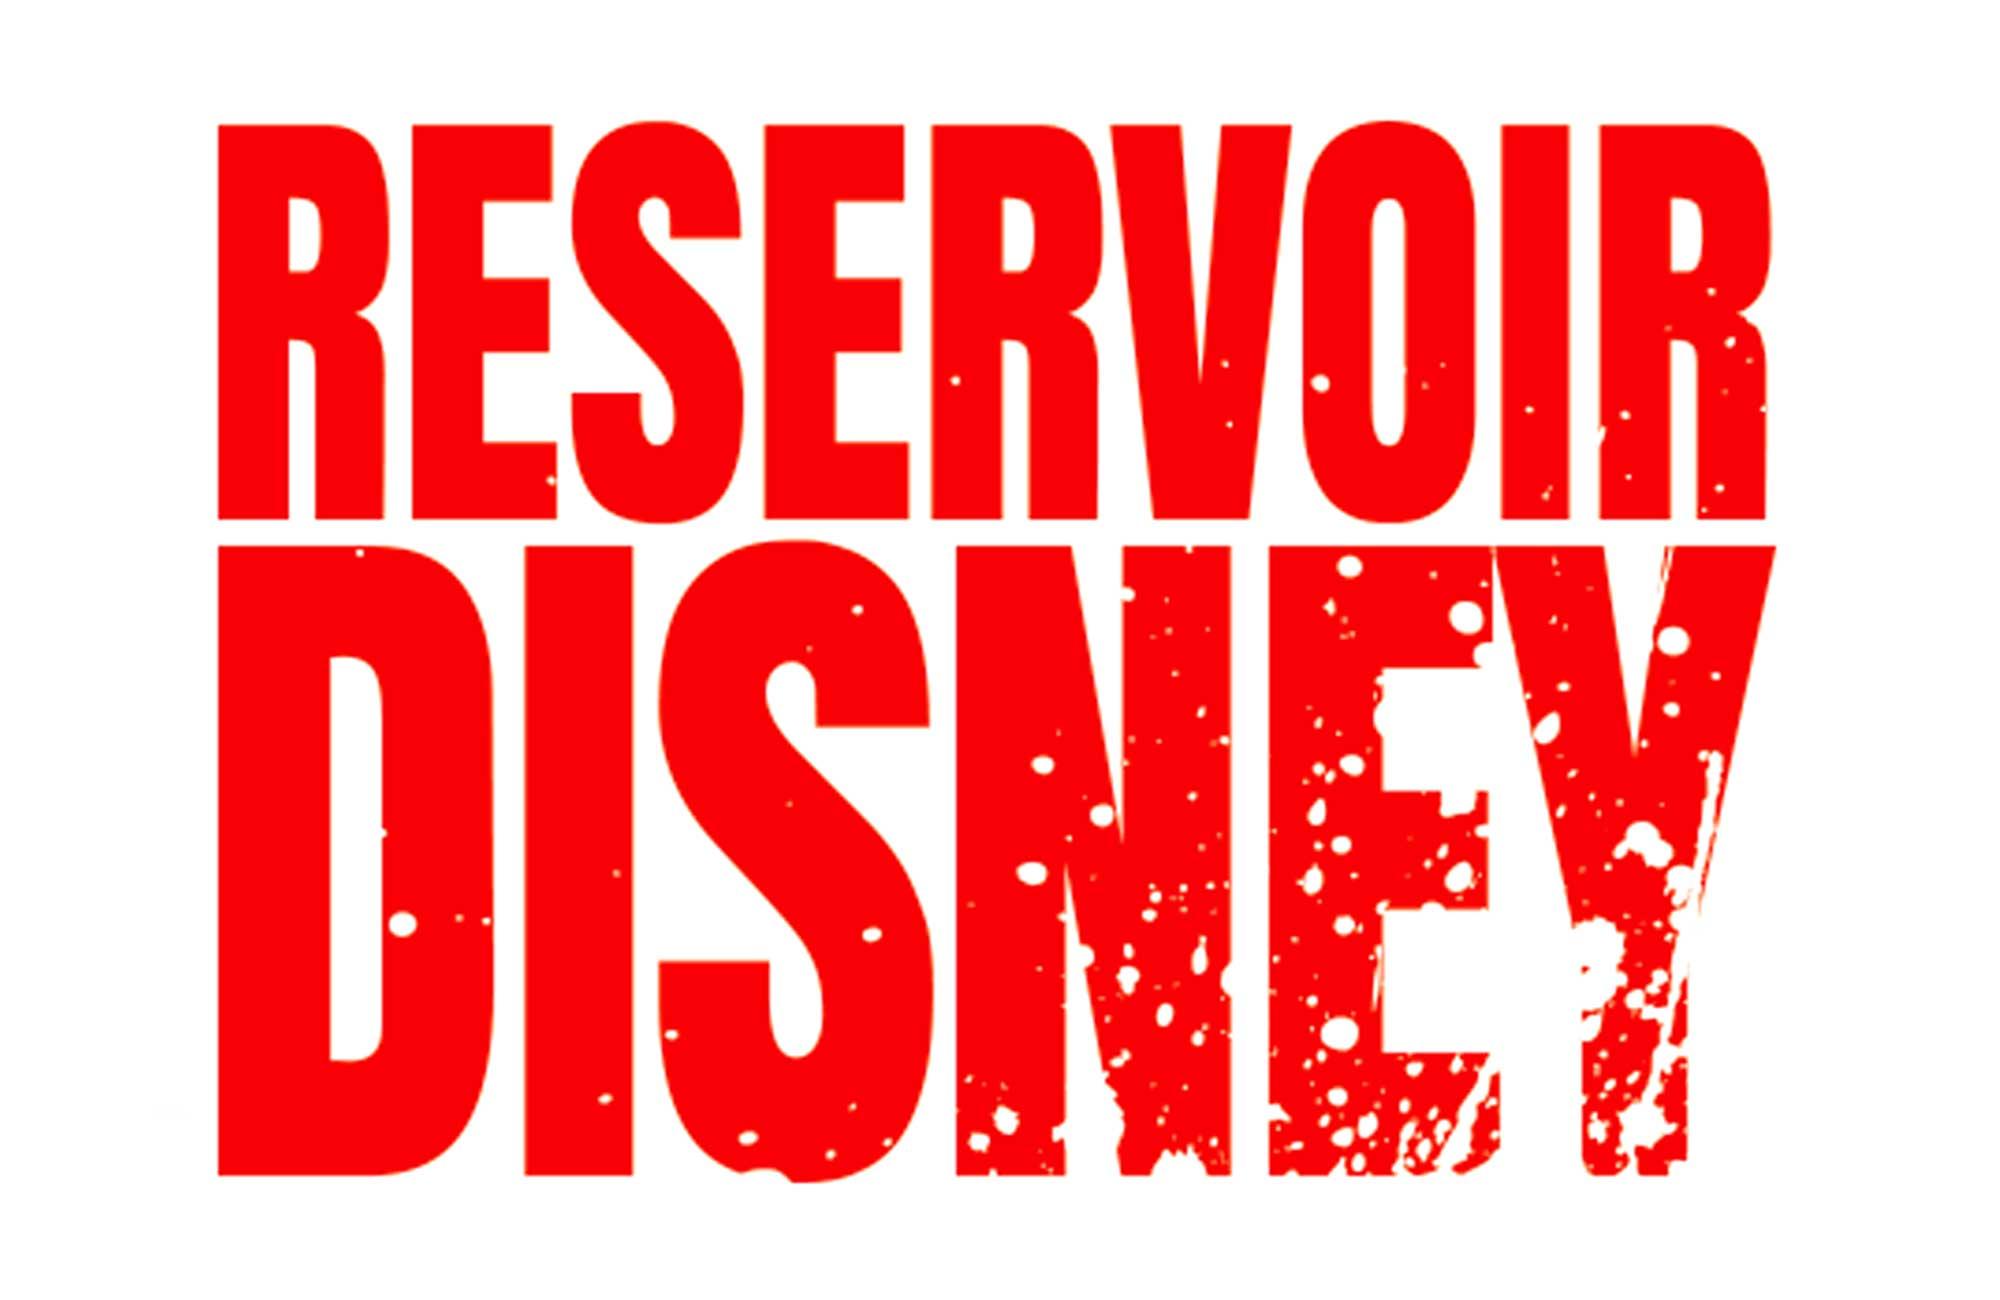 Reservoir Disney